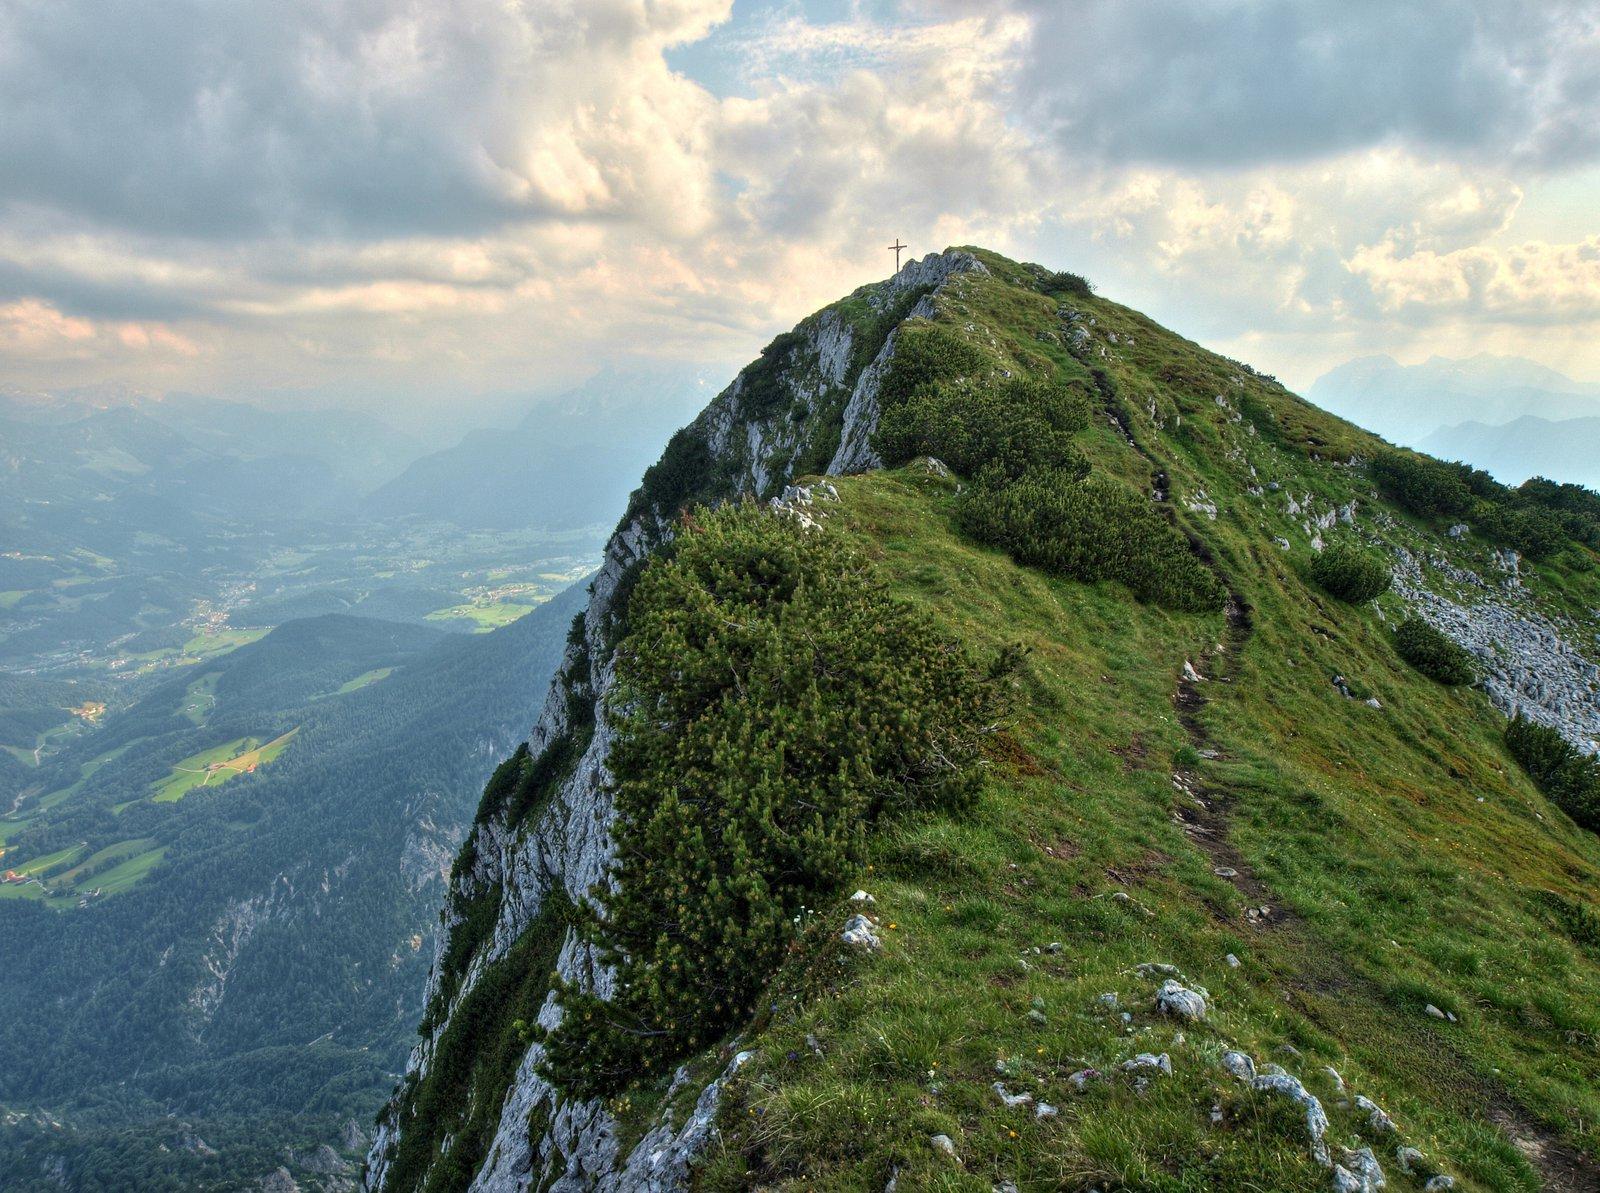 The Mountain Top